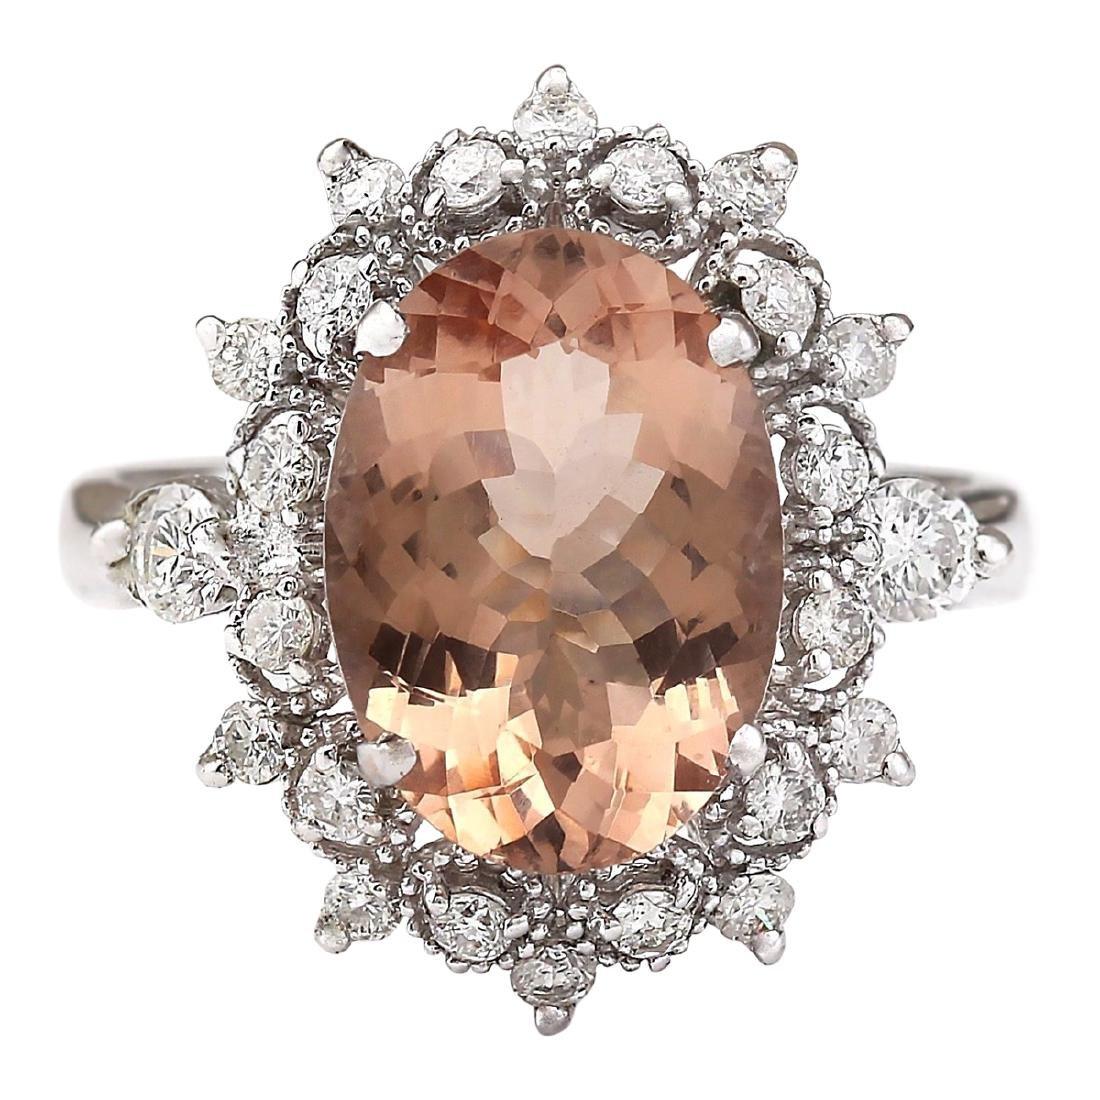 4.38 CTW Natural Morganite And Diamond Ring In 18K